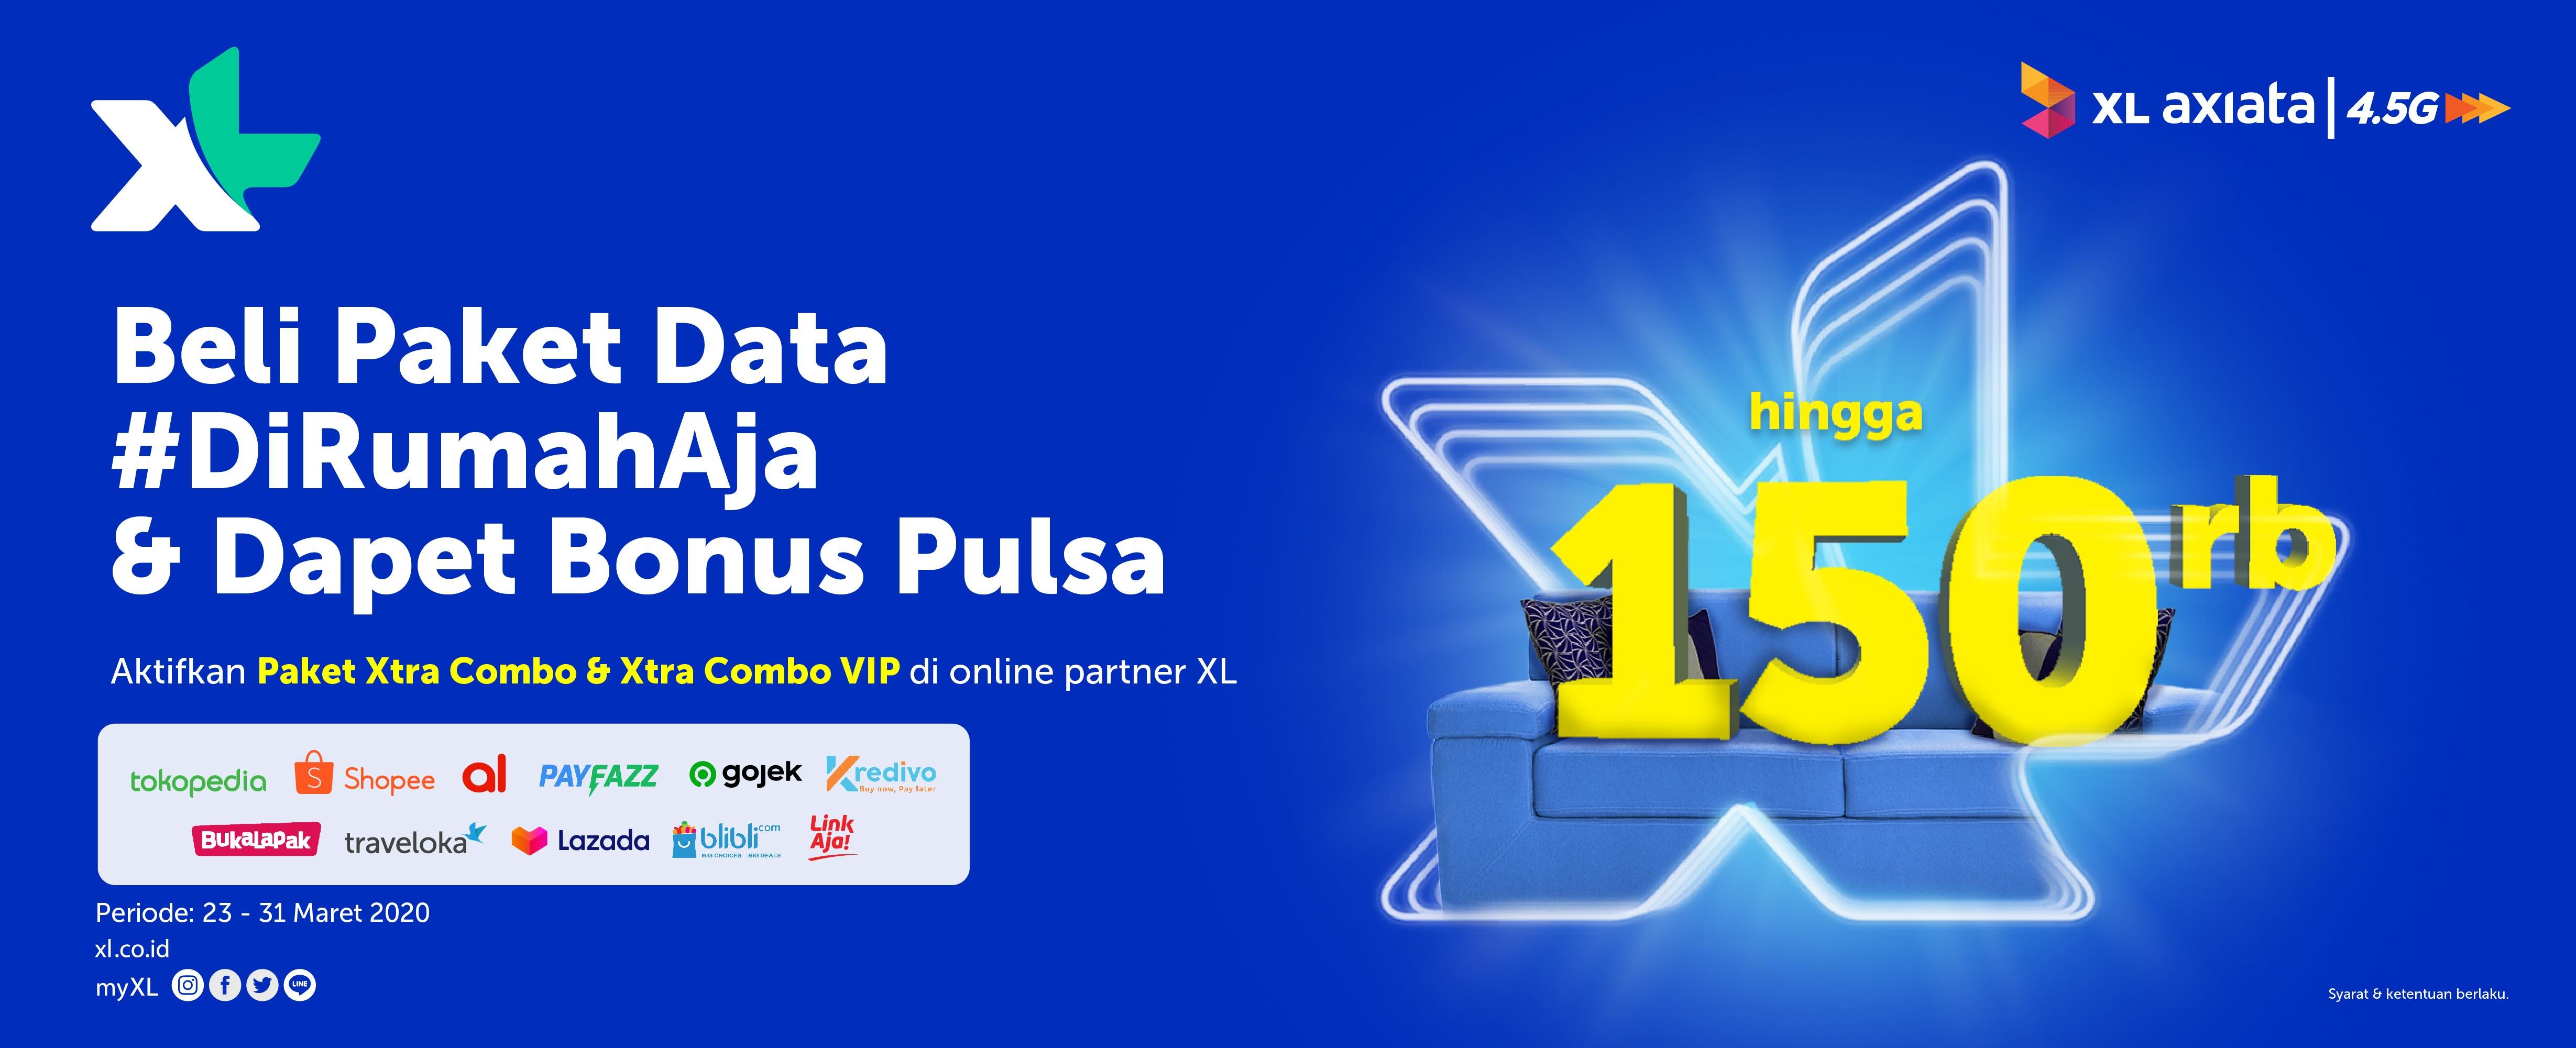 Promo Xl Bonus Pulsa Hingga 150 Ribu